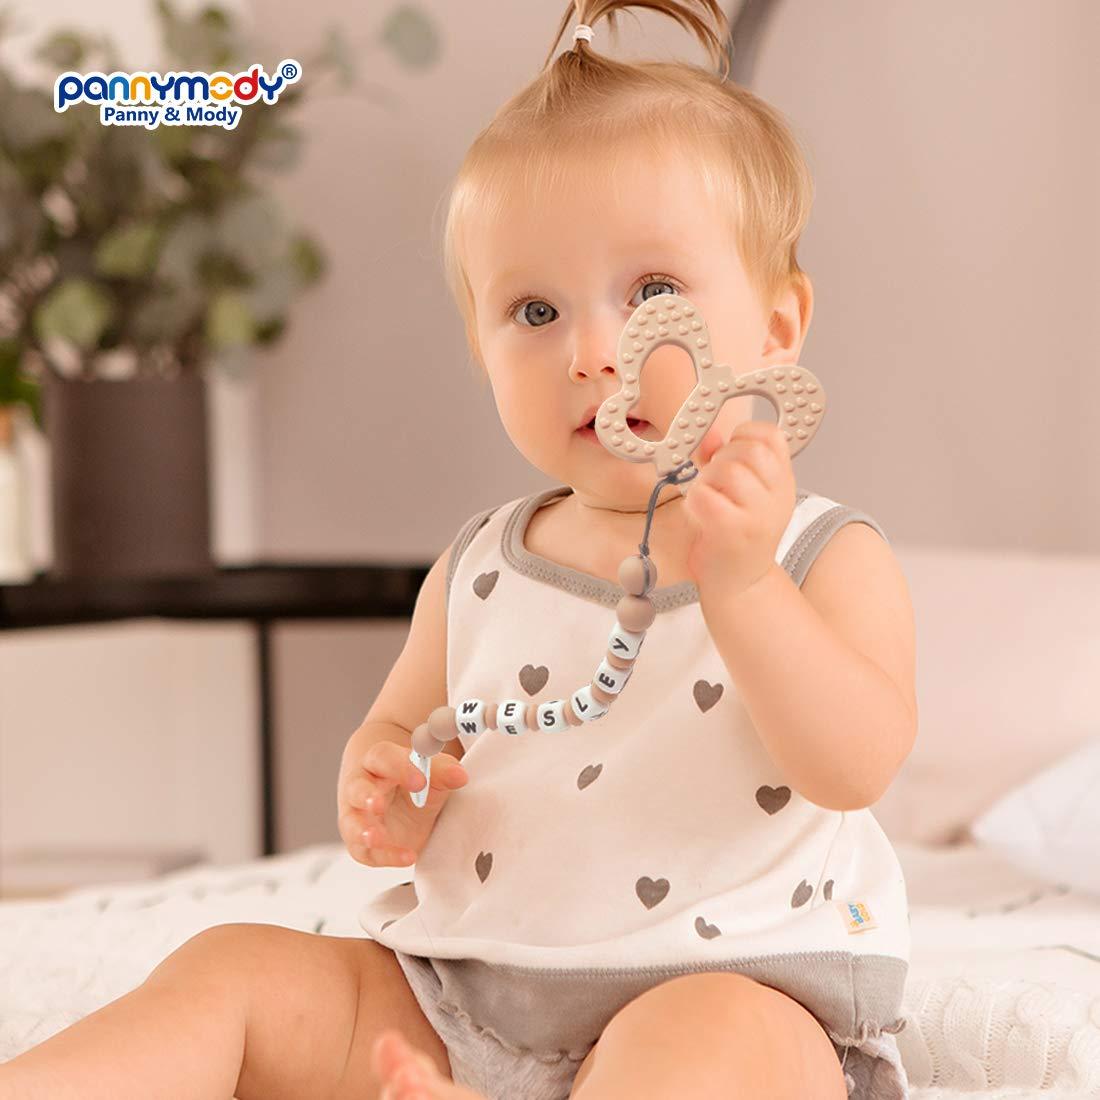 Beige Panny /& Mody Schnullerkette mit Namen und Schmetterling Bei/ßring f/ür Babys Junge M/ädchen Schnuller Clip Personalisierte Silikon Perlen Bei/ßring Zahnen